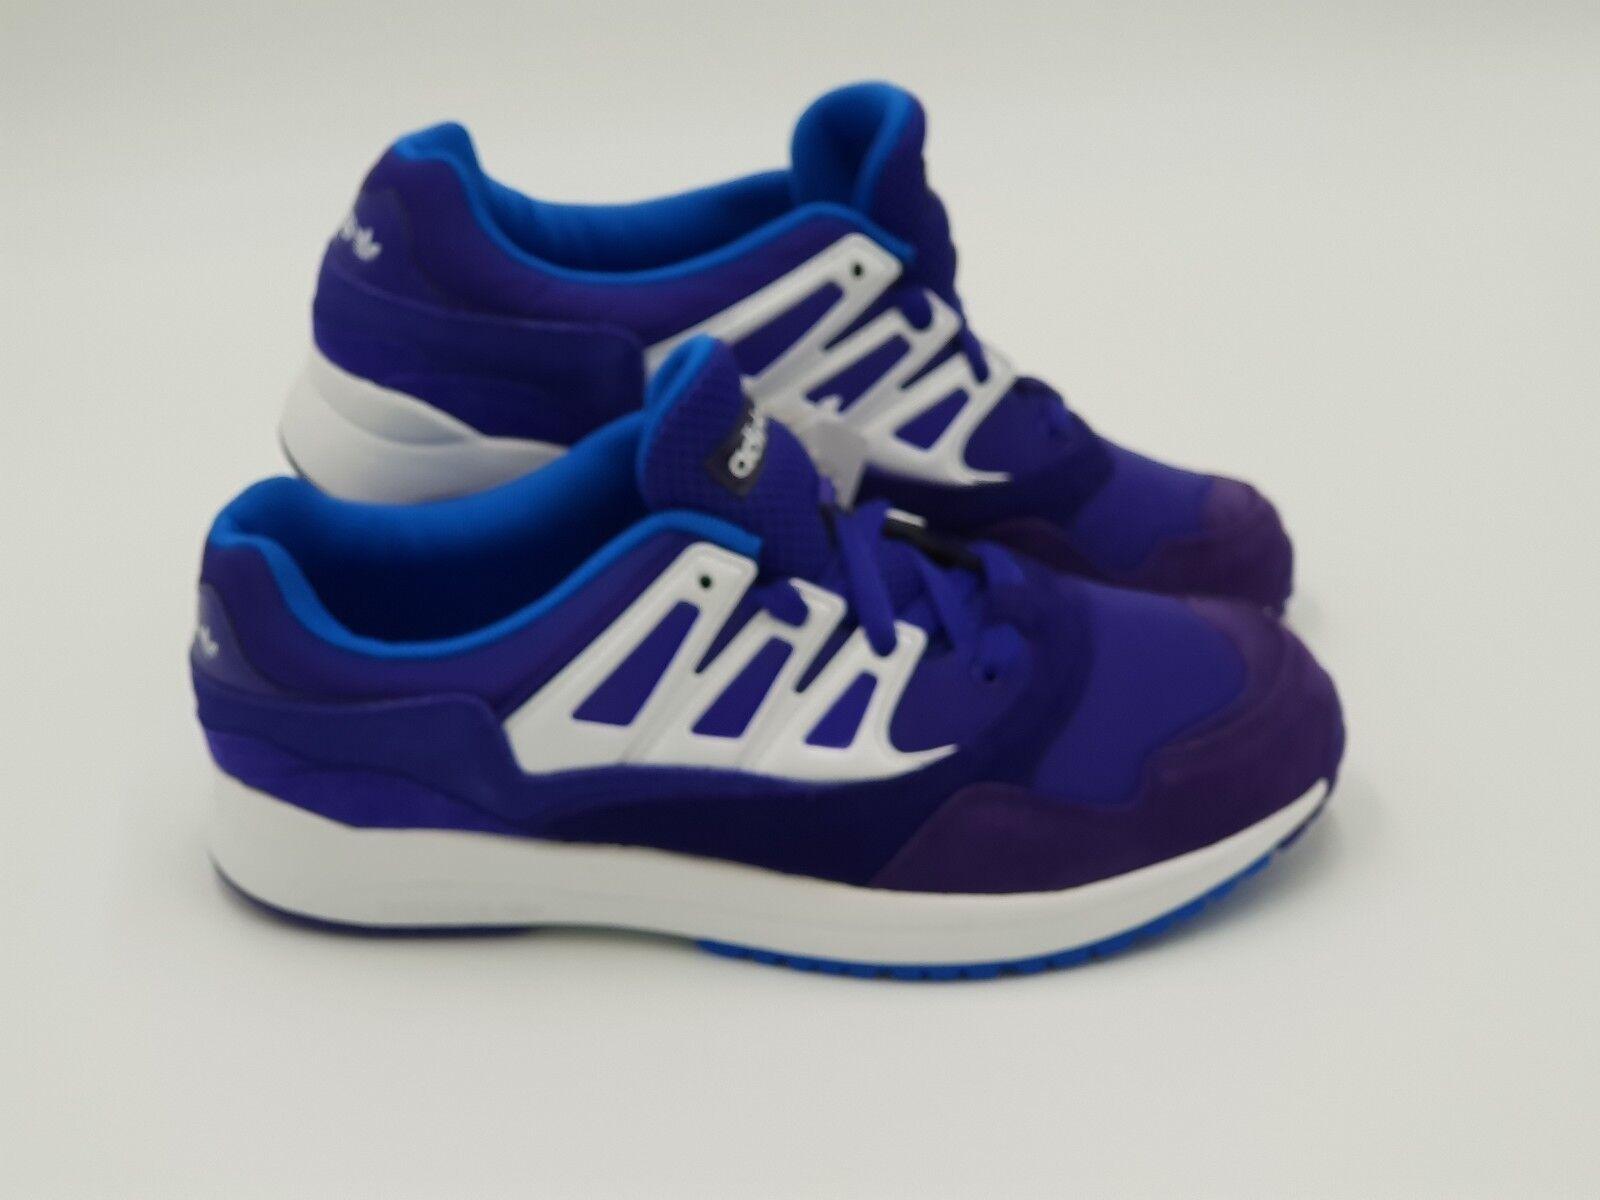 Adidas femmes Originals Torsion Allegra Trainers Brand New